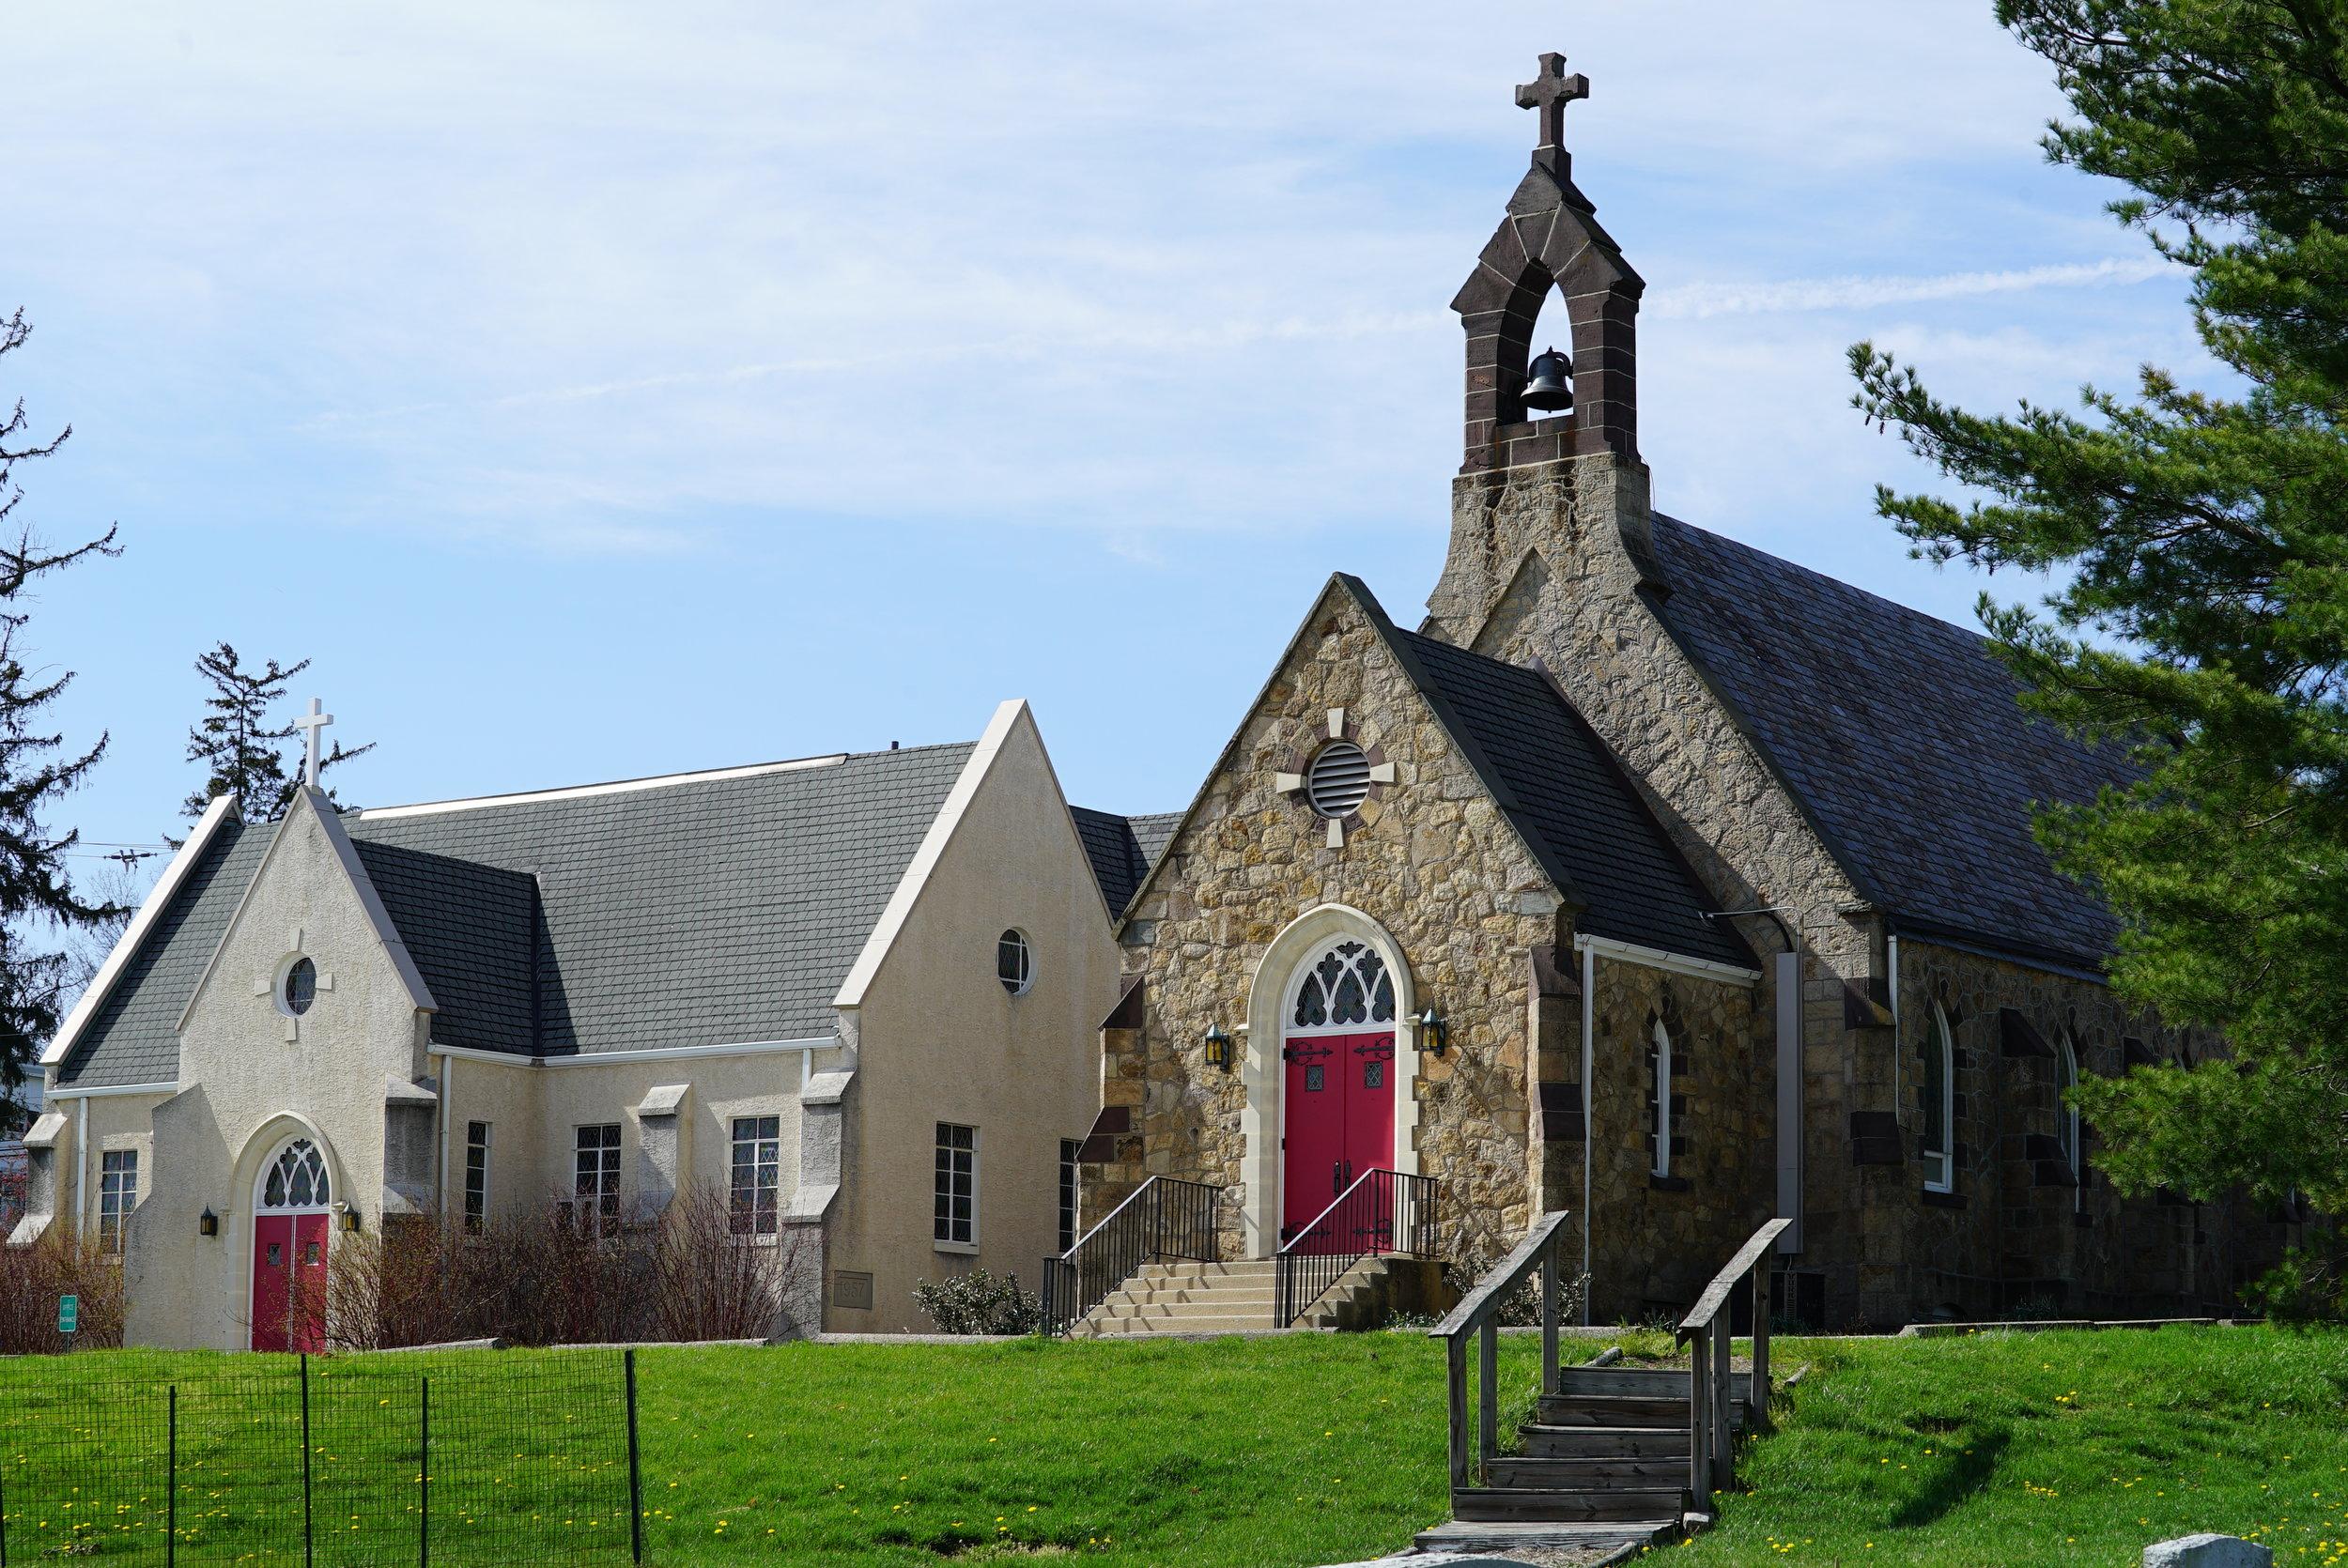 St. Paul's Episcopal Church Cemetery. Oaks, Pennsylvania.